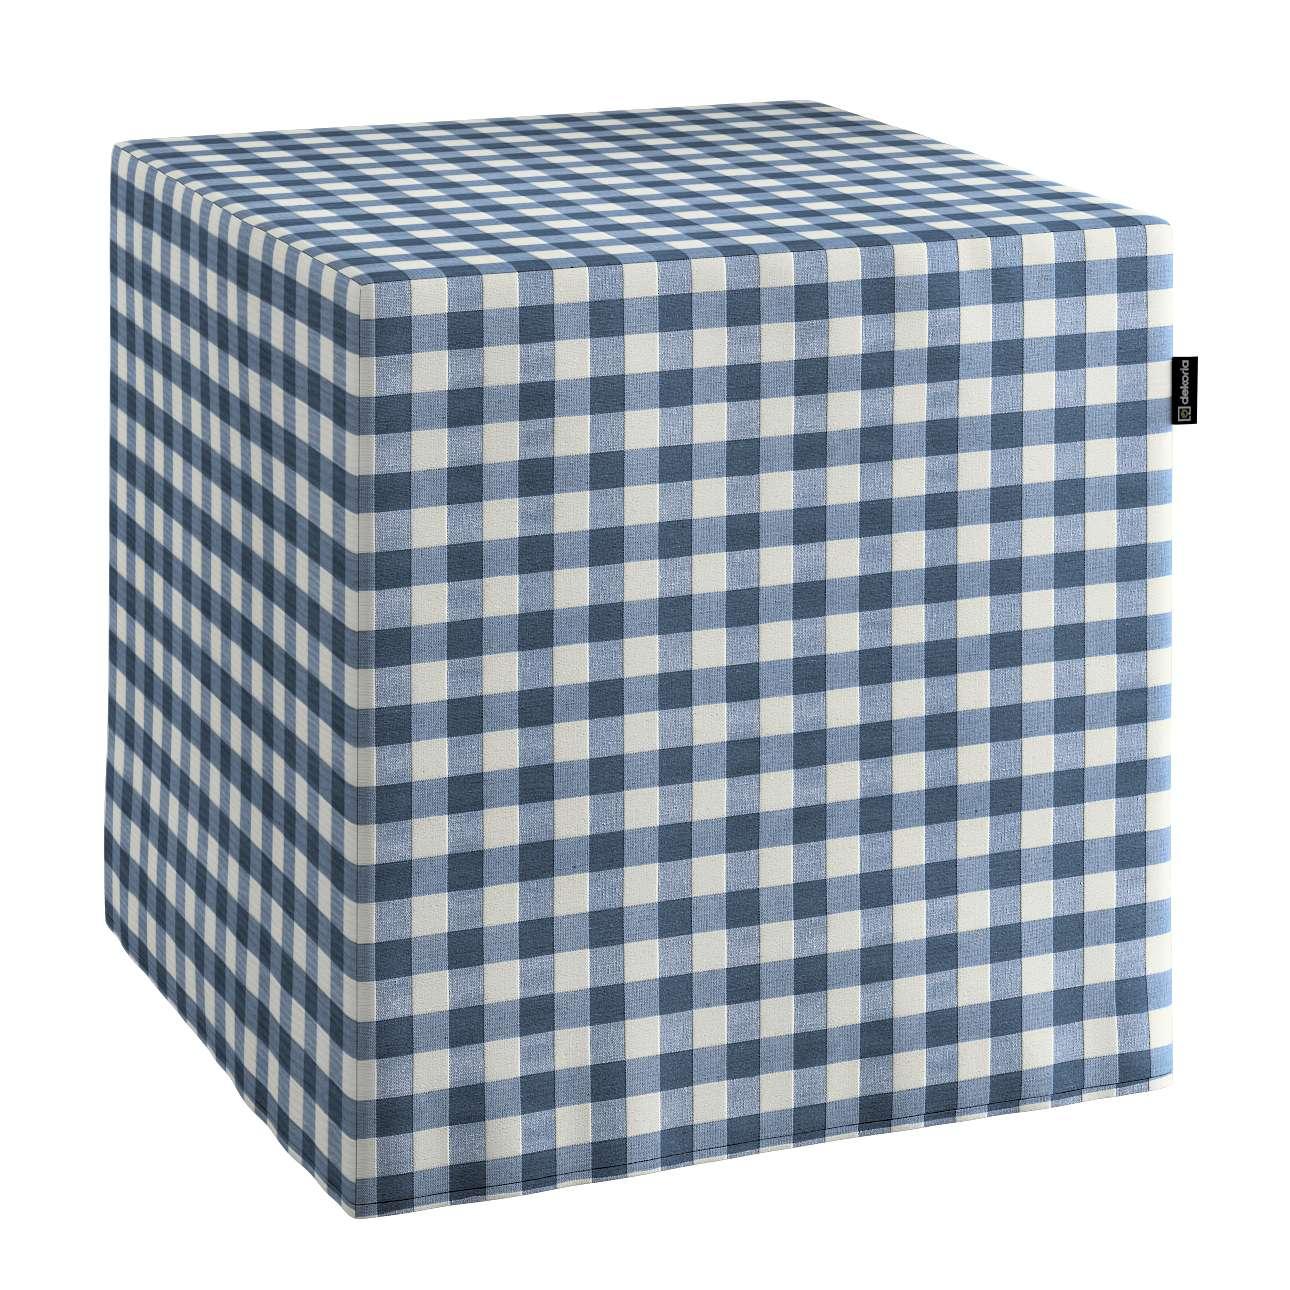 Pokrowiec na pufę kostke kostka 40x40x40 cm w kolekcji Quadro, tkanina: 136-01